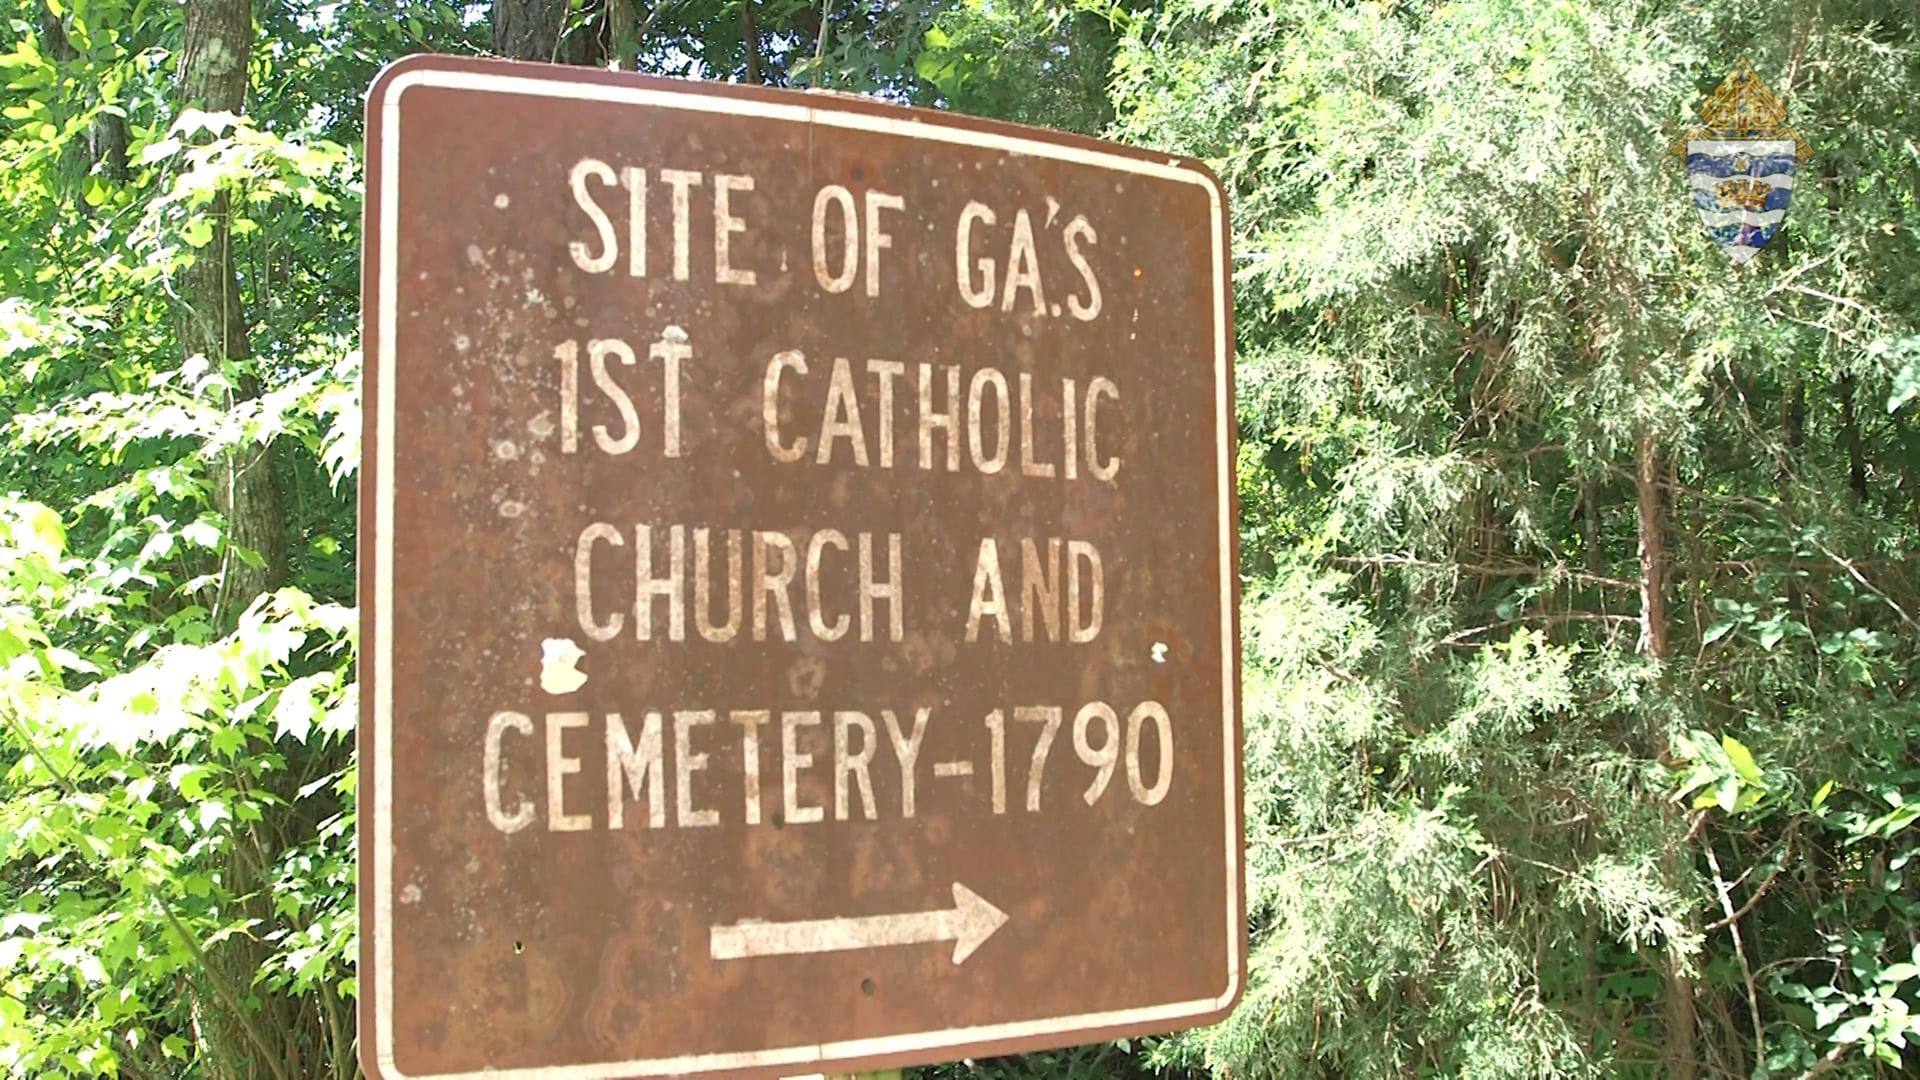 The Cradle of Catholicism in Georgia